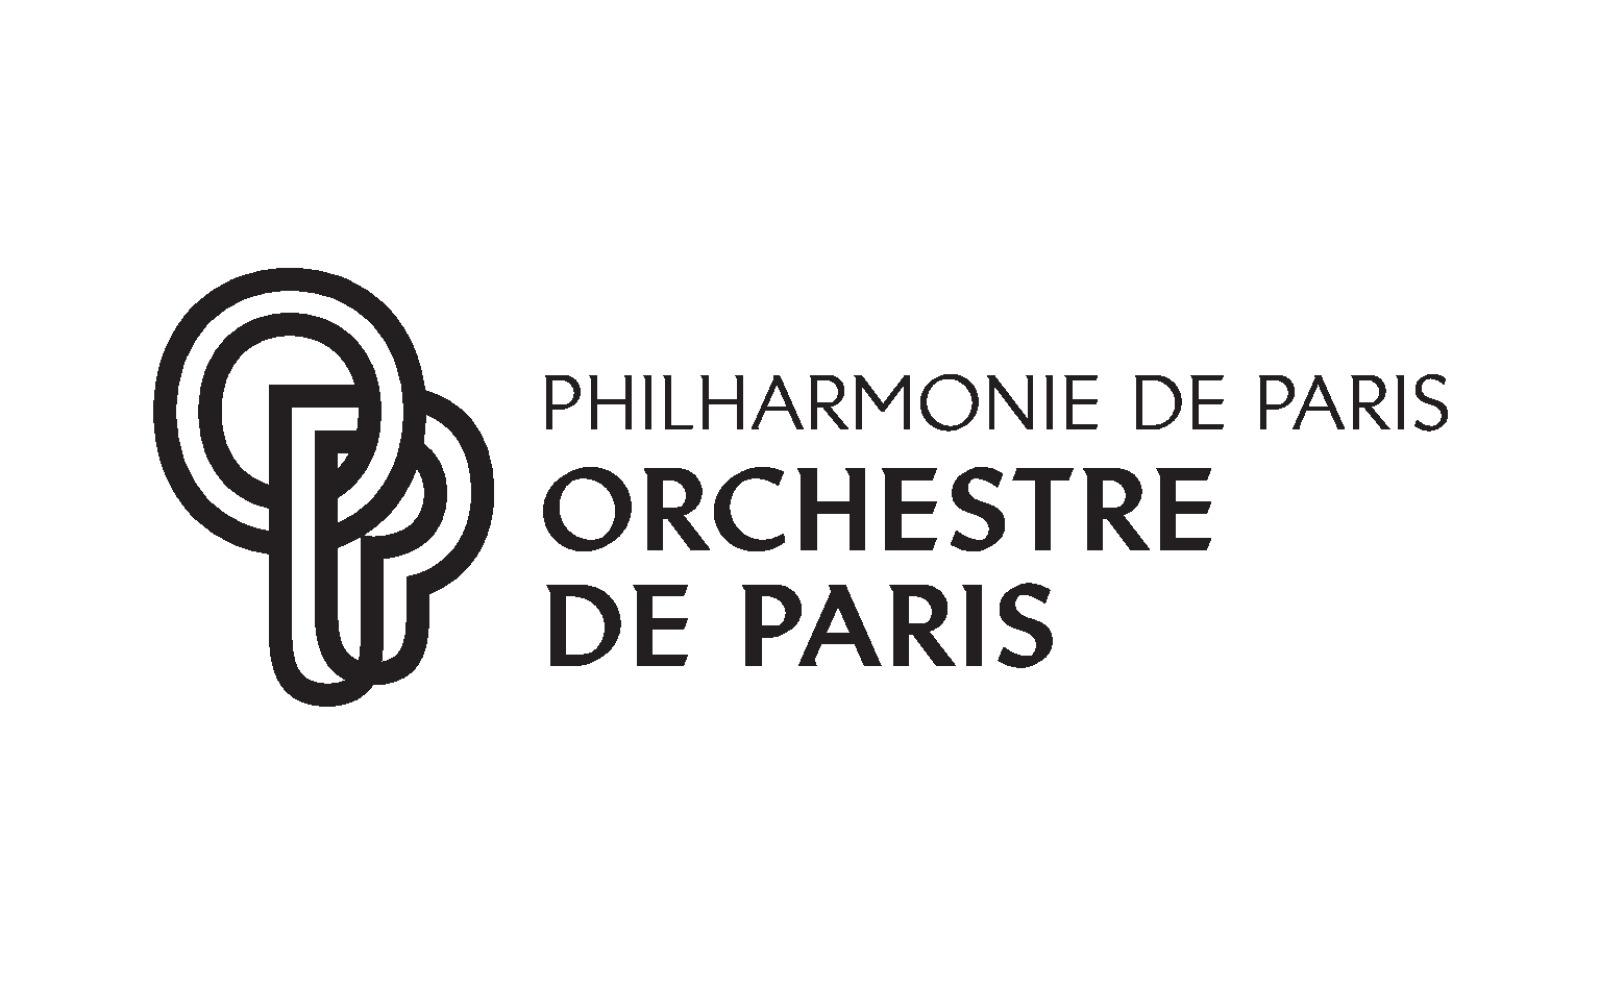 Orchestre de Paris / Philharmonie de Paris